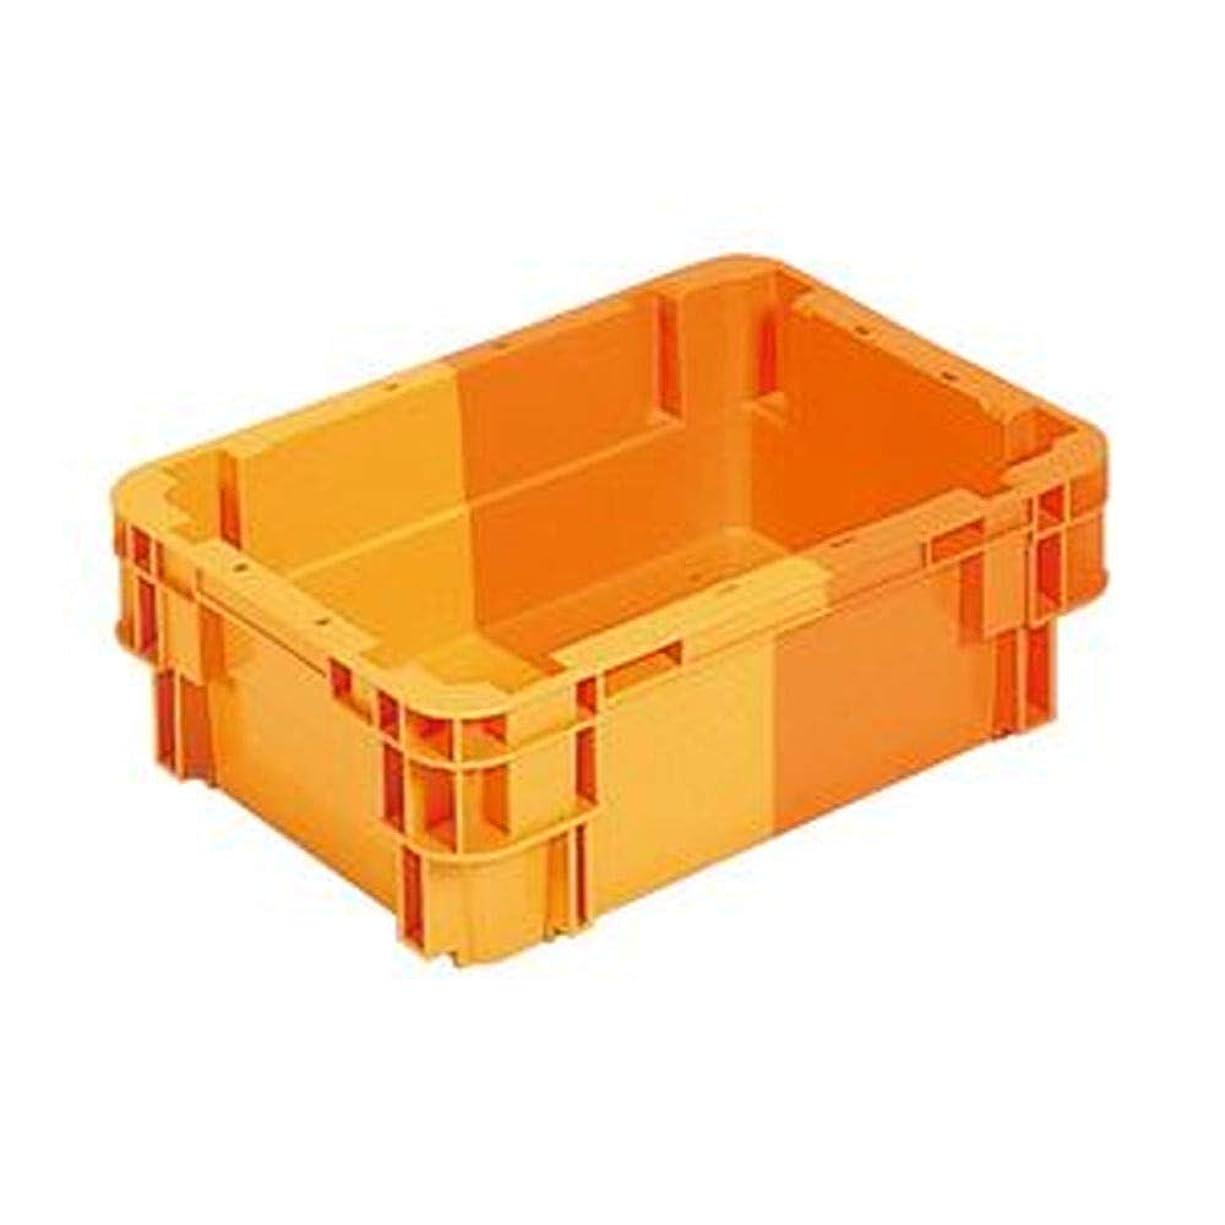 私定期的な信じる== 業務用10個セット == 三甲 - サンコー - / SNコンテナ/2色コンテナボックス / - Bタイプ - / 水抜孔無 / #11 / オレンジ×オレンジ - -